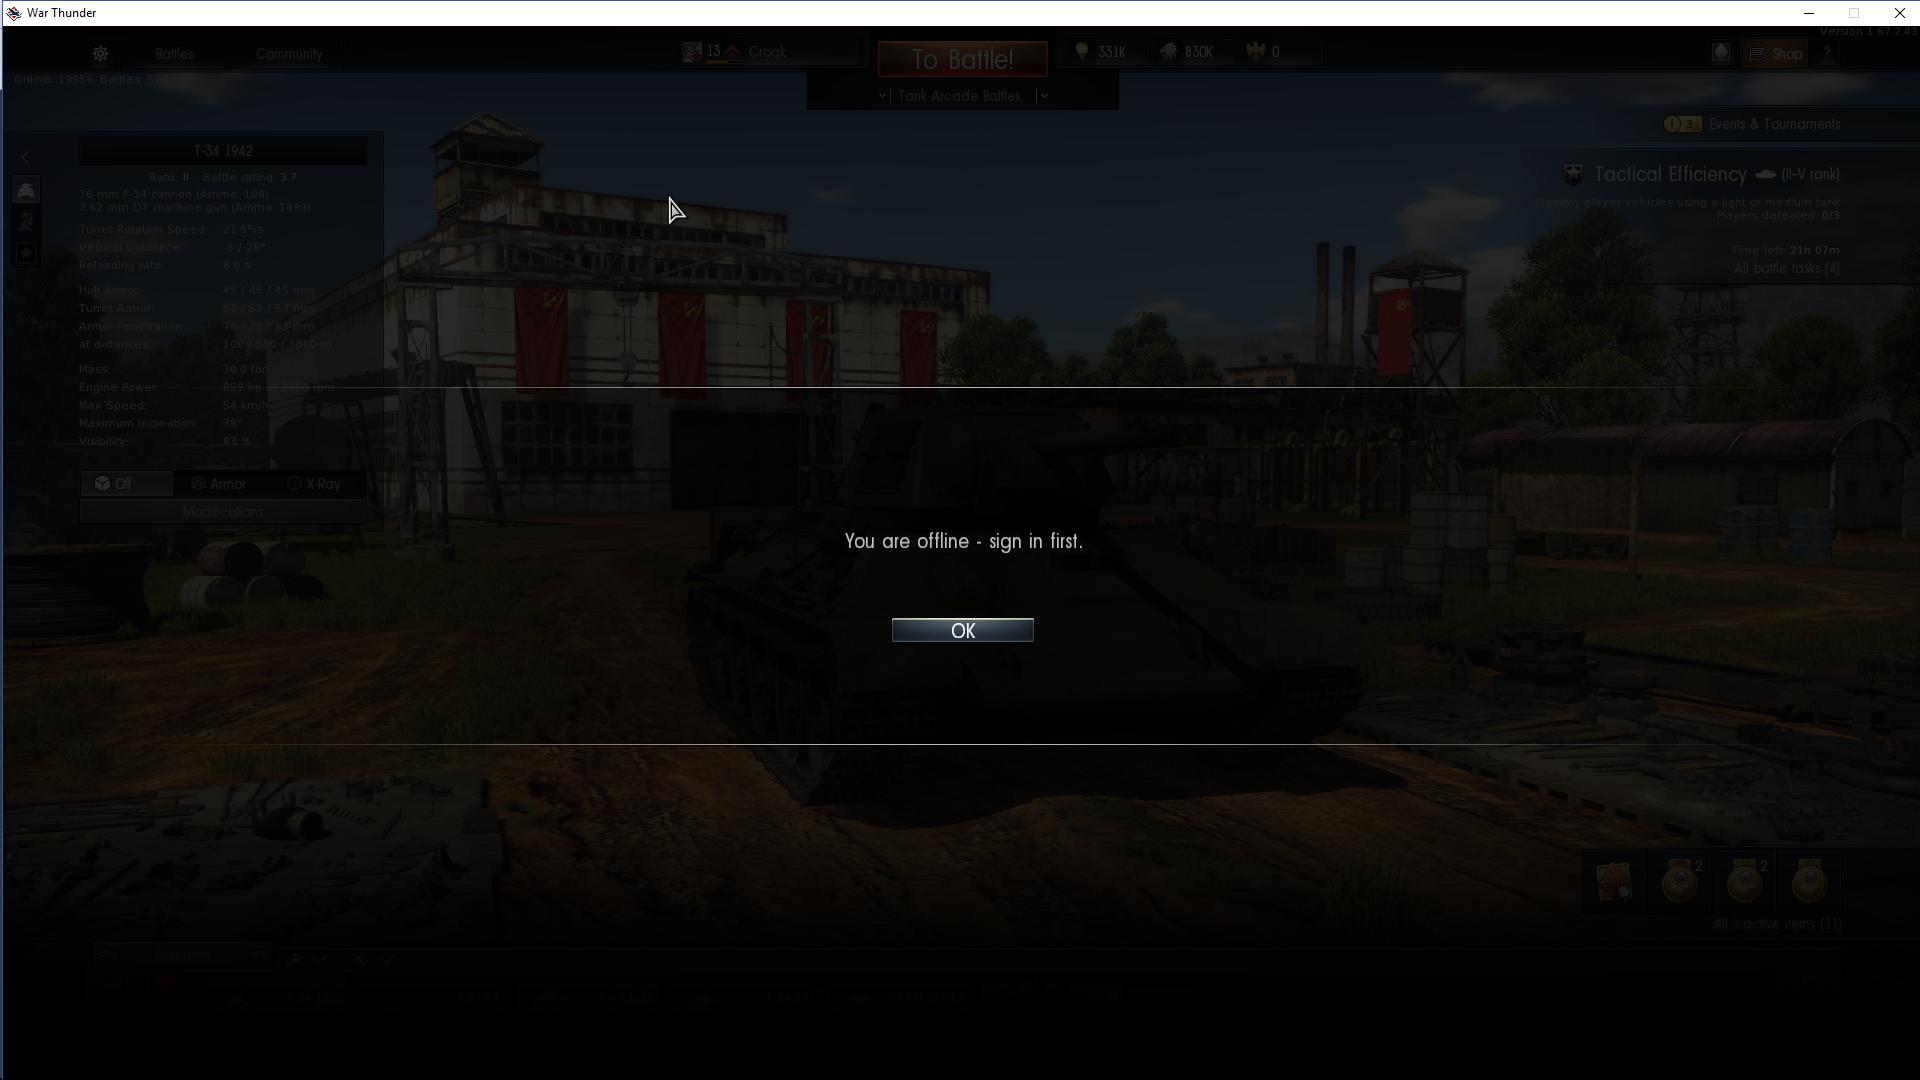 War Thunder Offline